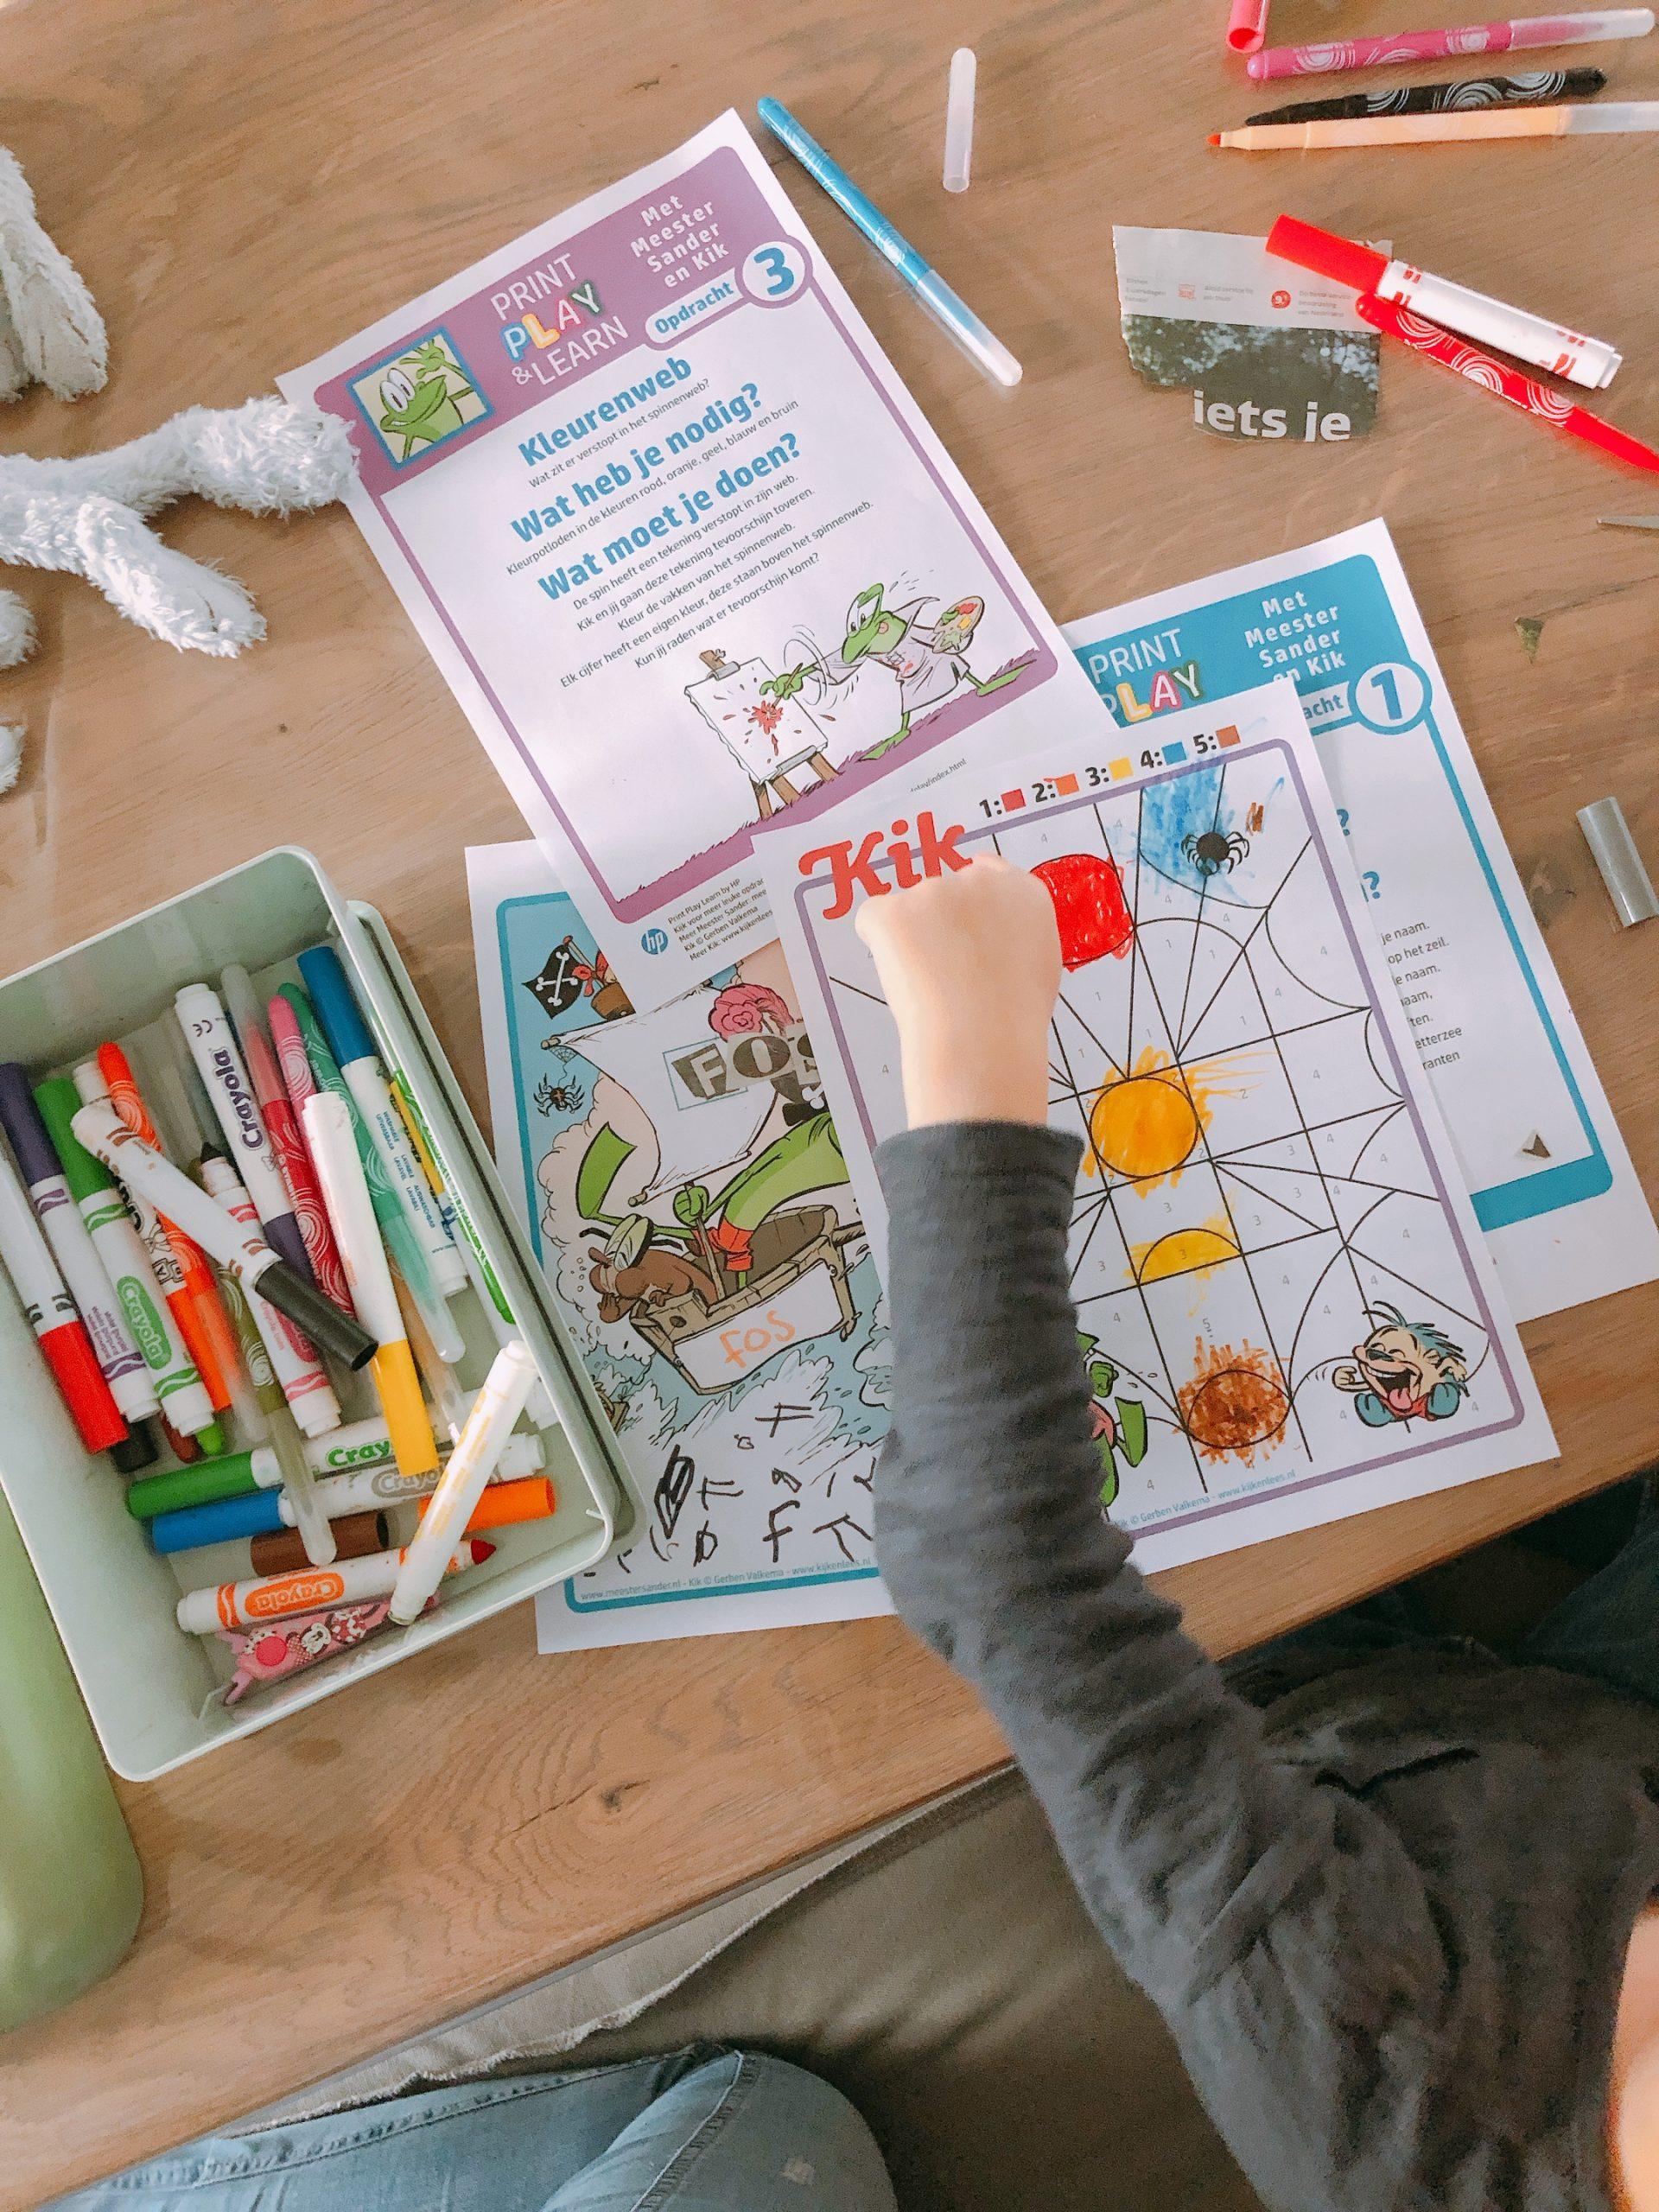 IMG 8393 scaled - Spelenderwijs thuis leren met vrolijke opdrachten + printables!